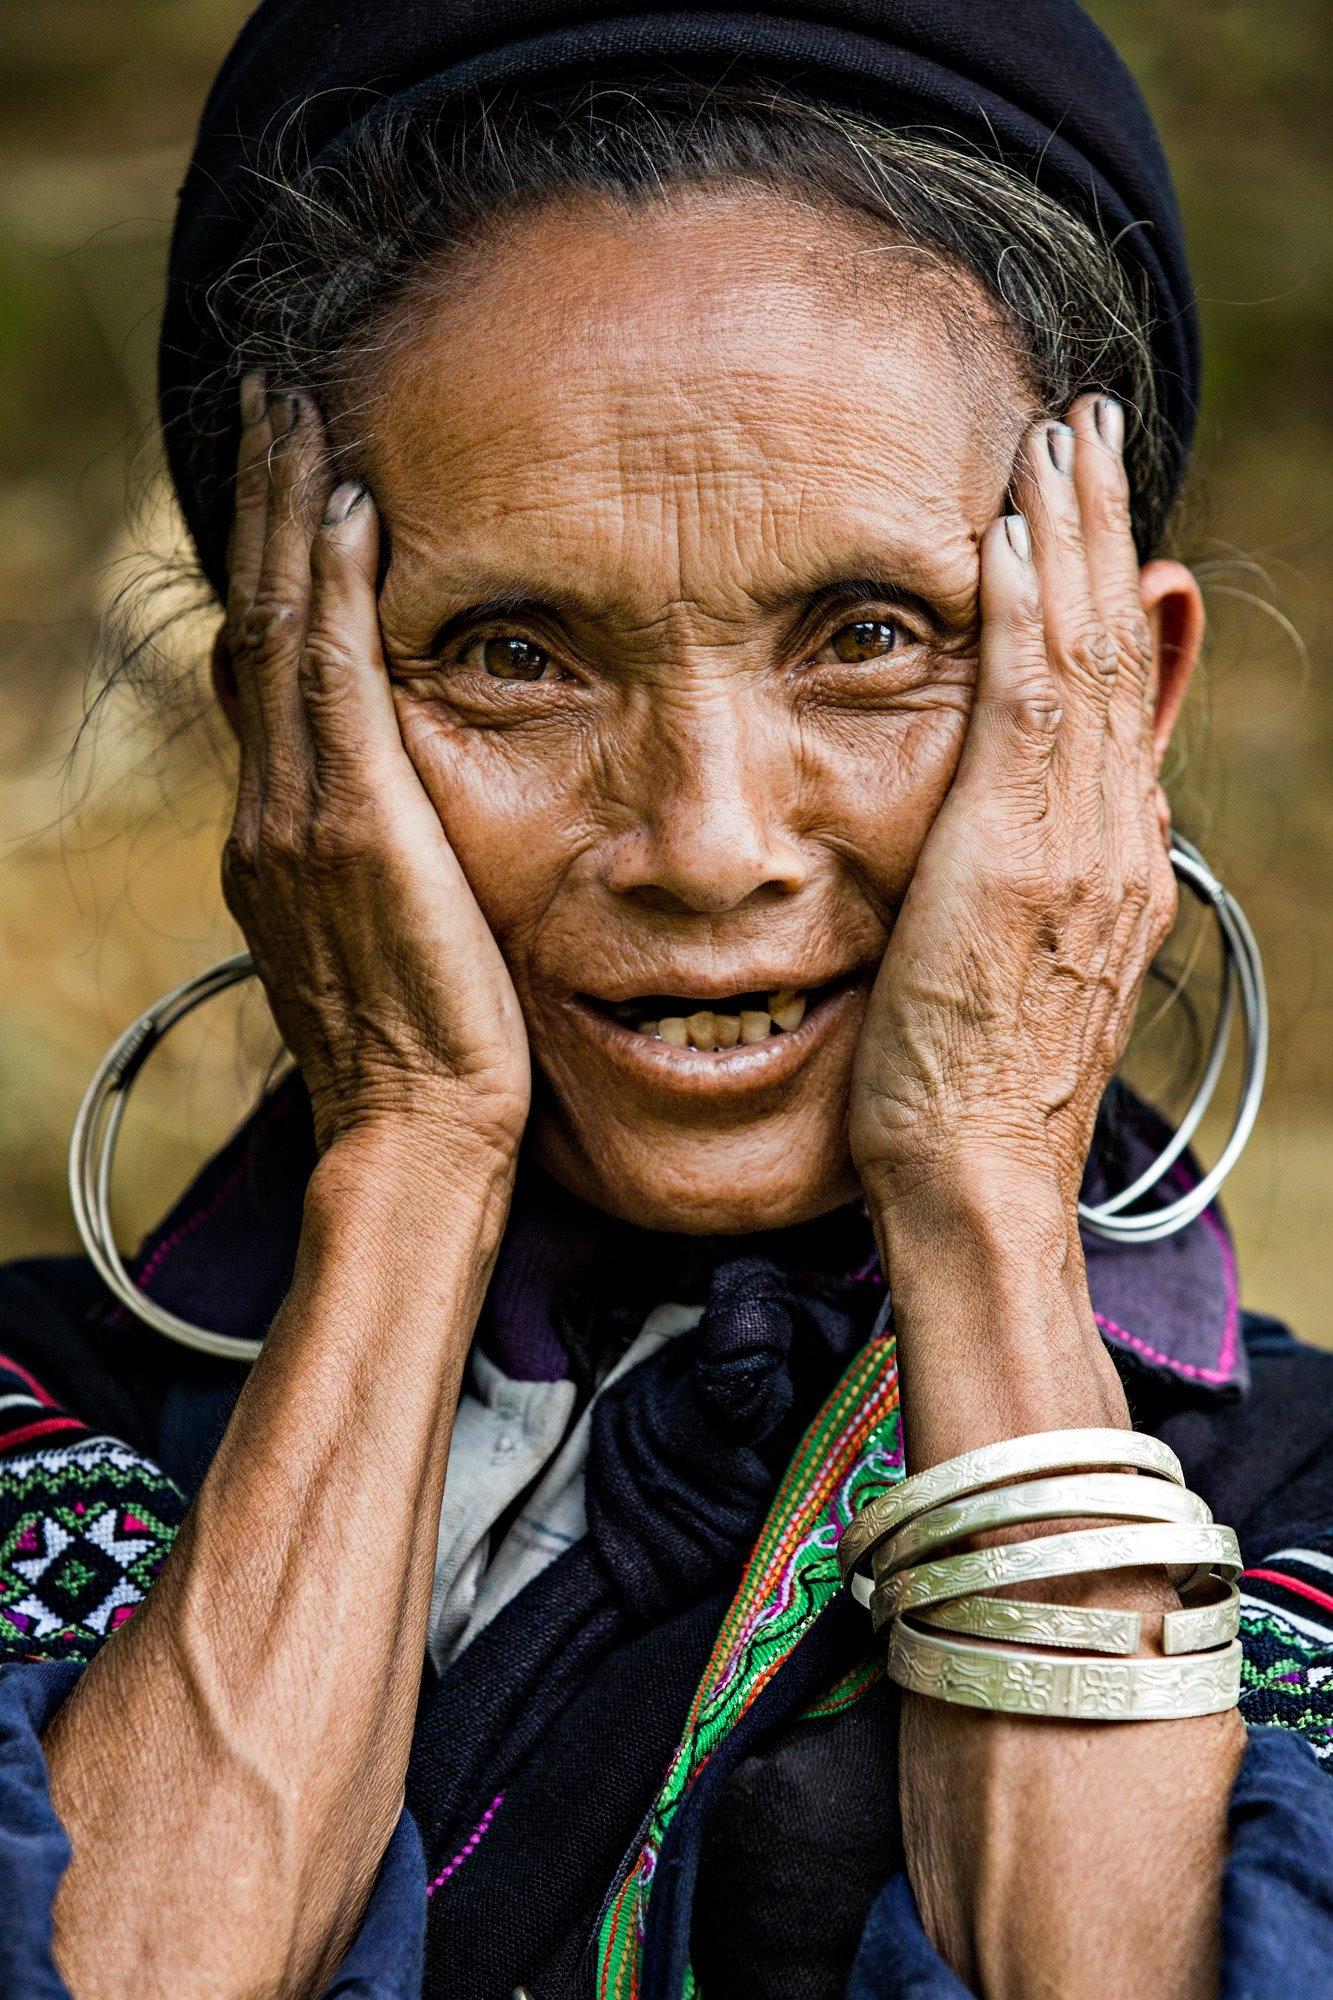 Ngắm Việt Nam tươi đẹp qua ống kính của nhiếp ảnh gia người Pháp